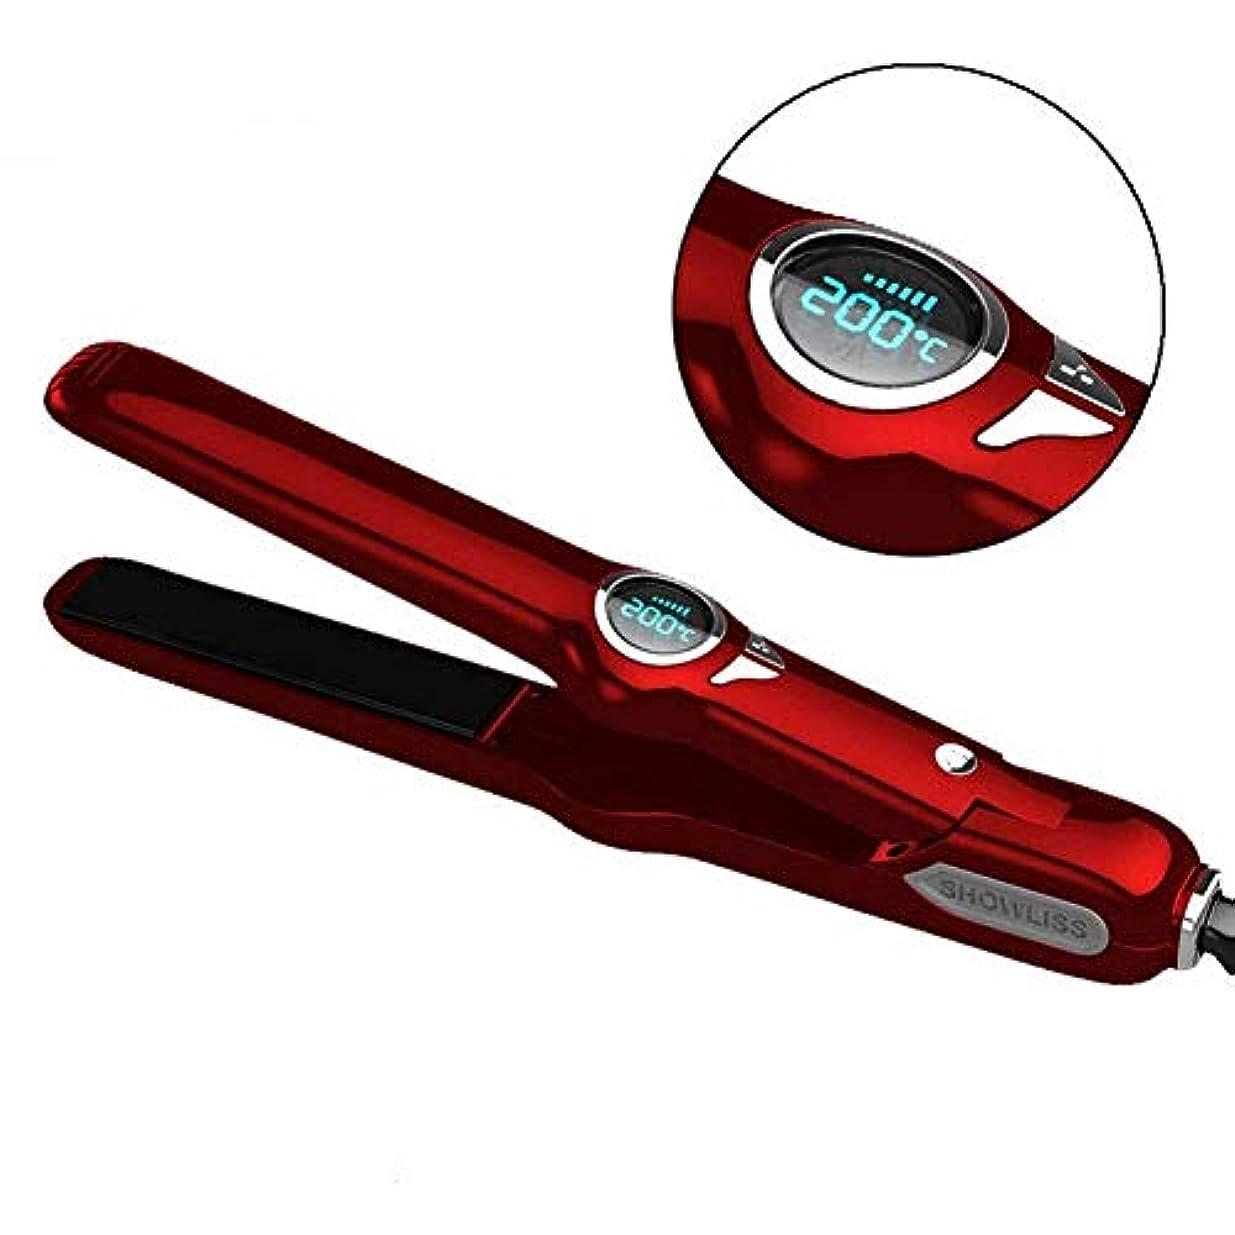 参加者レオナルドダドアカールストレートヘアスタイリングLCDモニタ炭化物セラミックカールパーマロッド b1121 (Color : Red, Size : -)